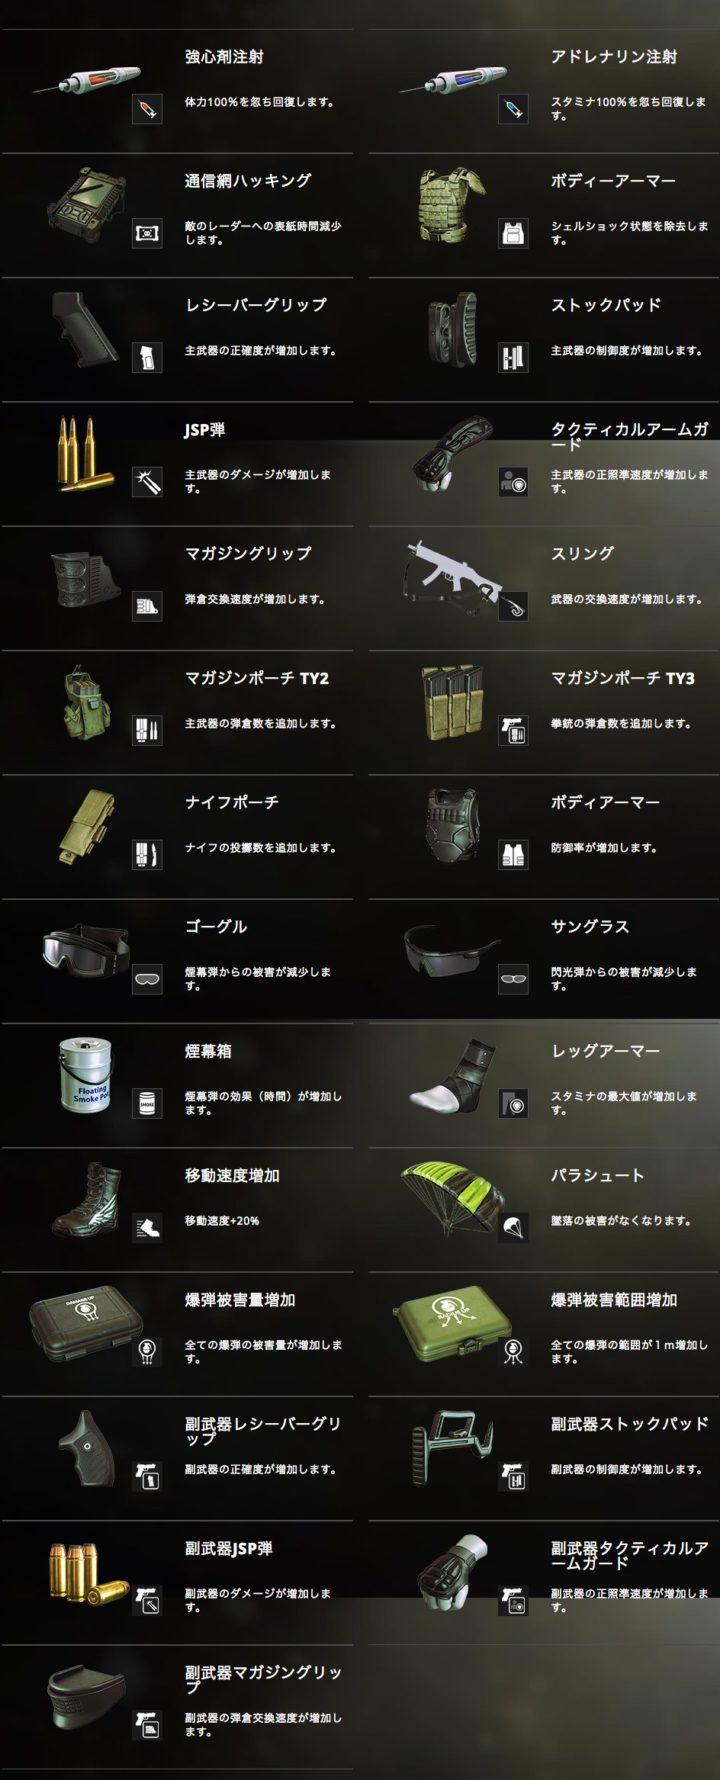 Operation7 Revolution